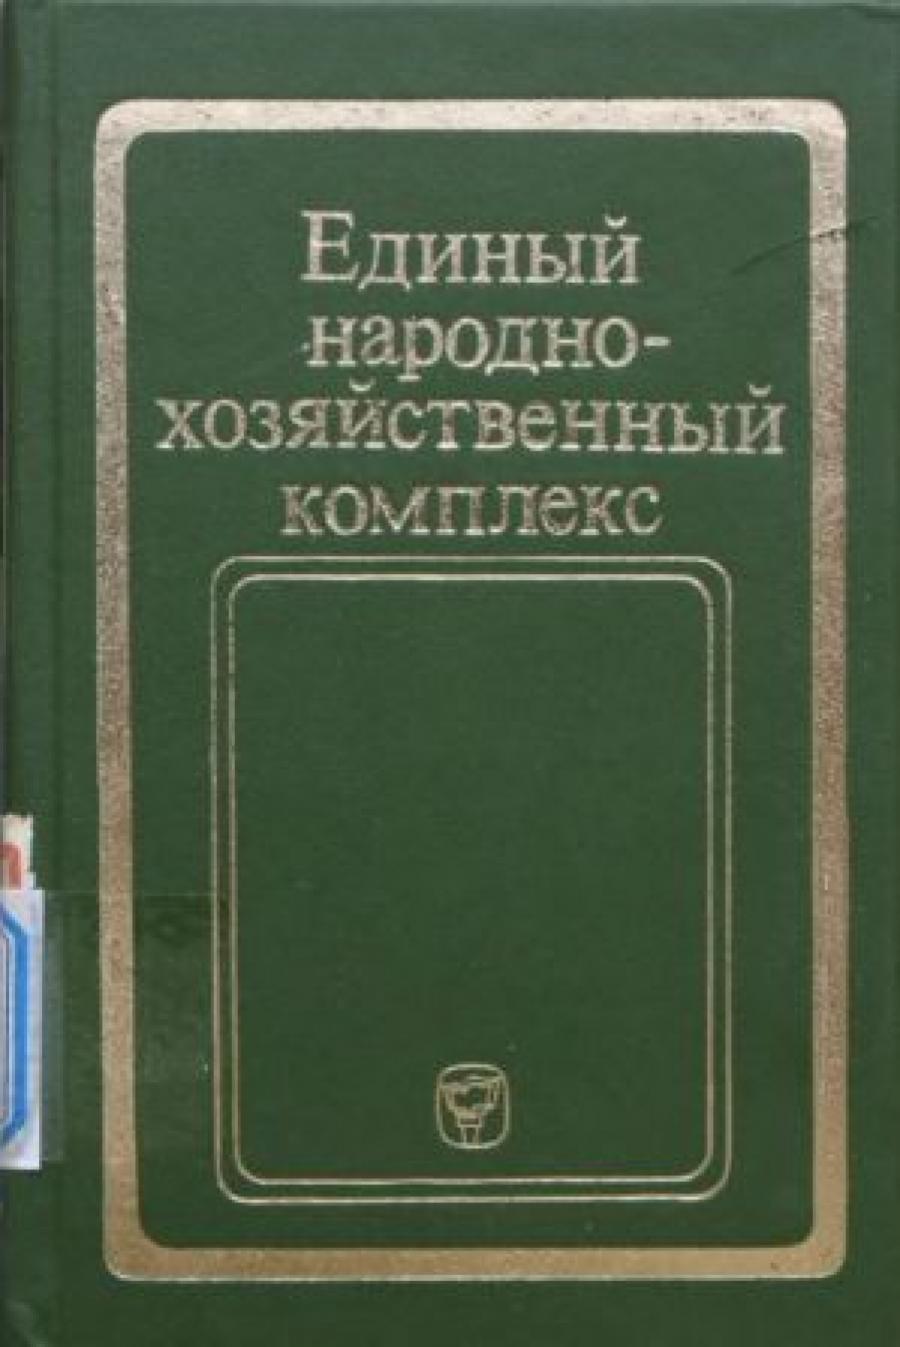 Обложка книги:  лебедев в.г. и др. (отв. ред.) - единый народнохозяйственный комплекс. содержание и закономерности развития